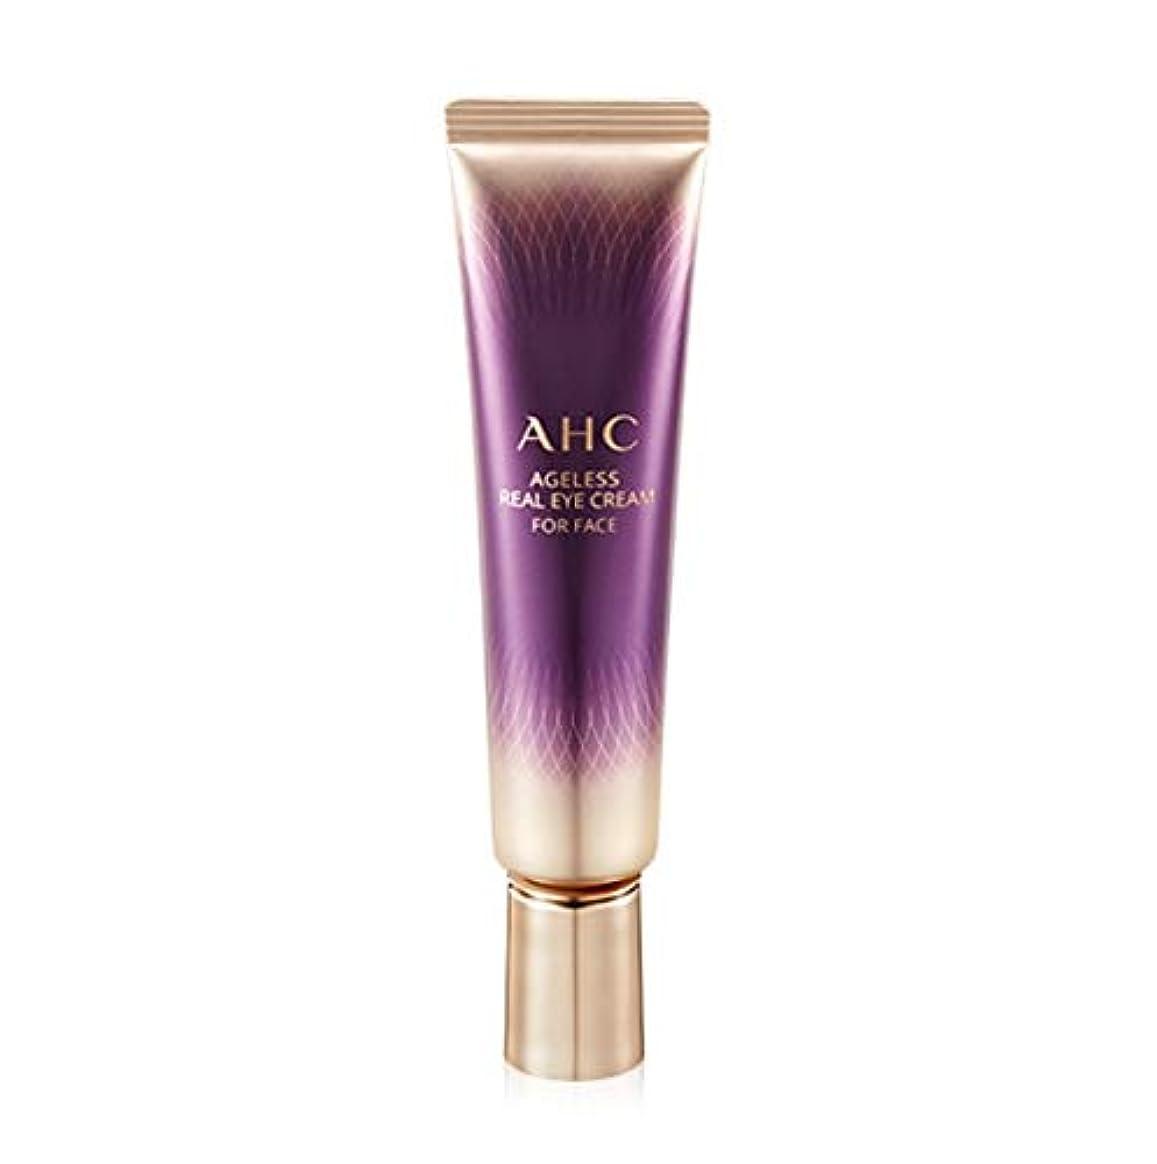 チケット経過電信[New] AHC Ageless Real Eye Cream For Face Season 7 30ml / AHC エイジレス リアル アイクリーム フォーフェイス 30ml [並行輸入品]